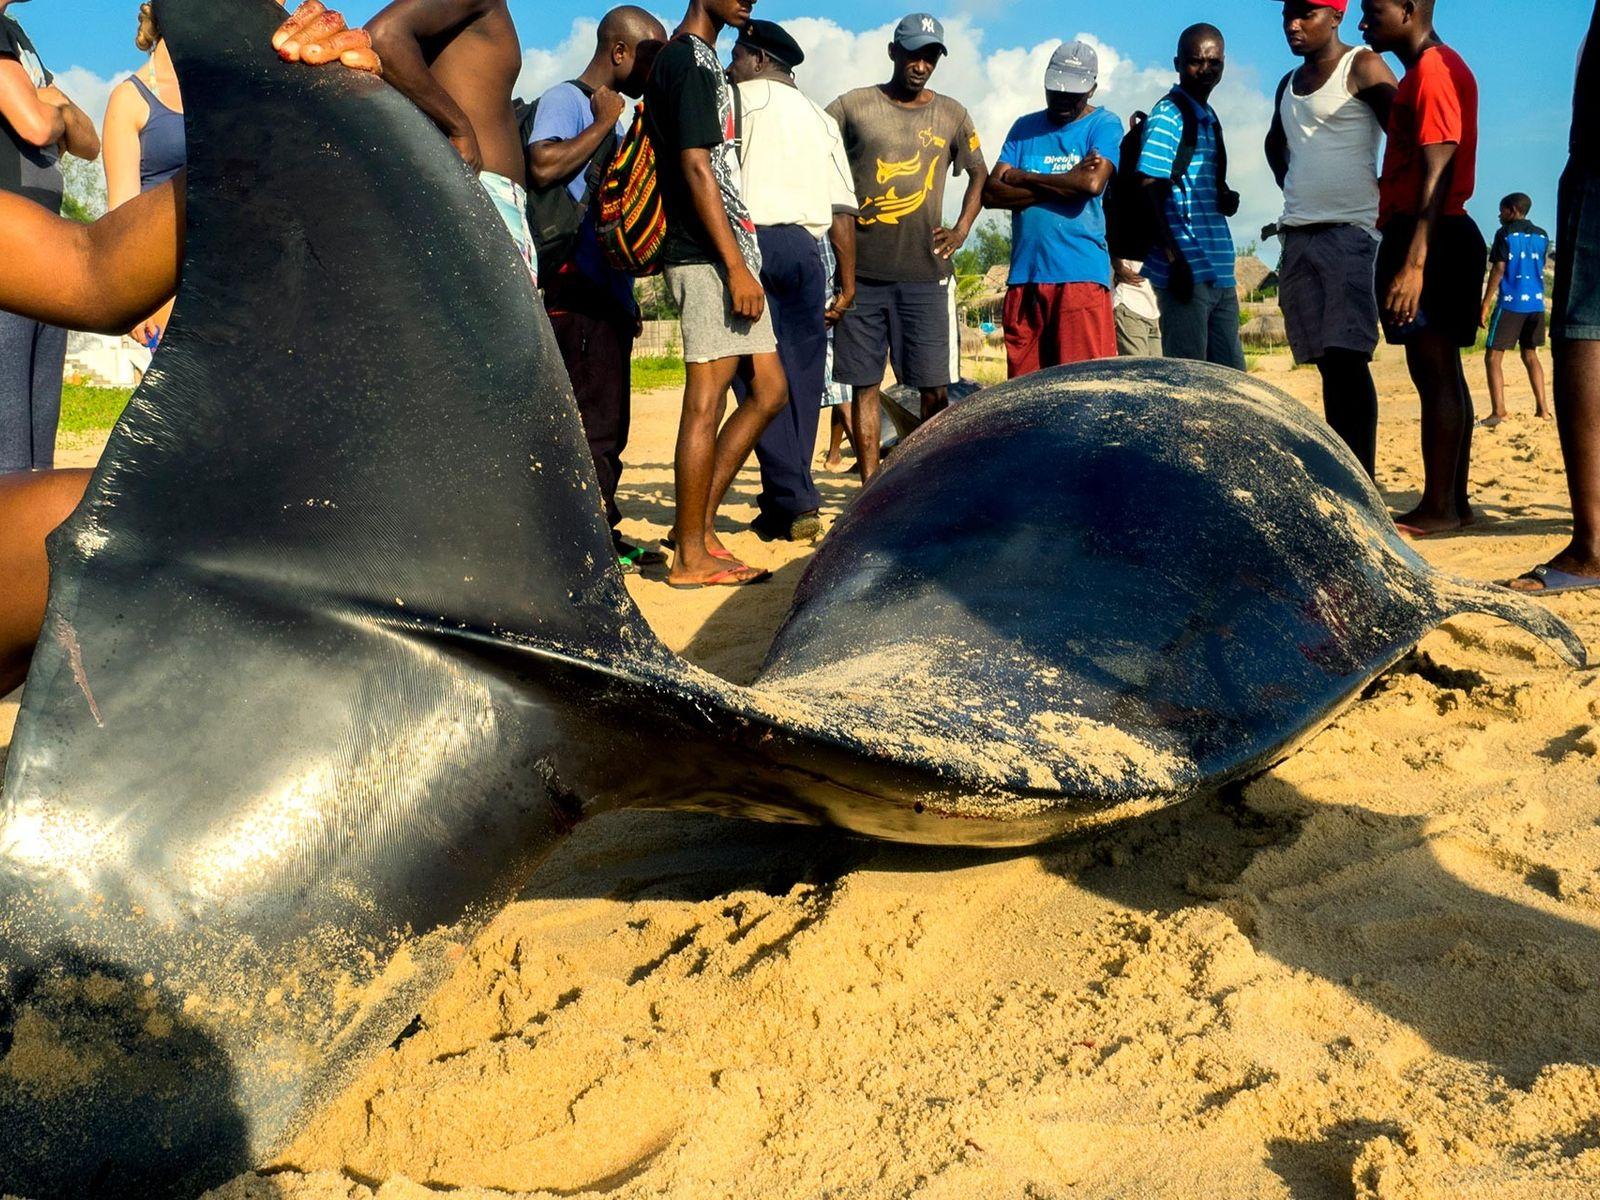 Pessoas a recolher carne de baleias encalhadas, na Praia do Tofo, em Moçambique.